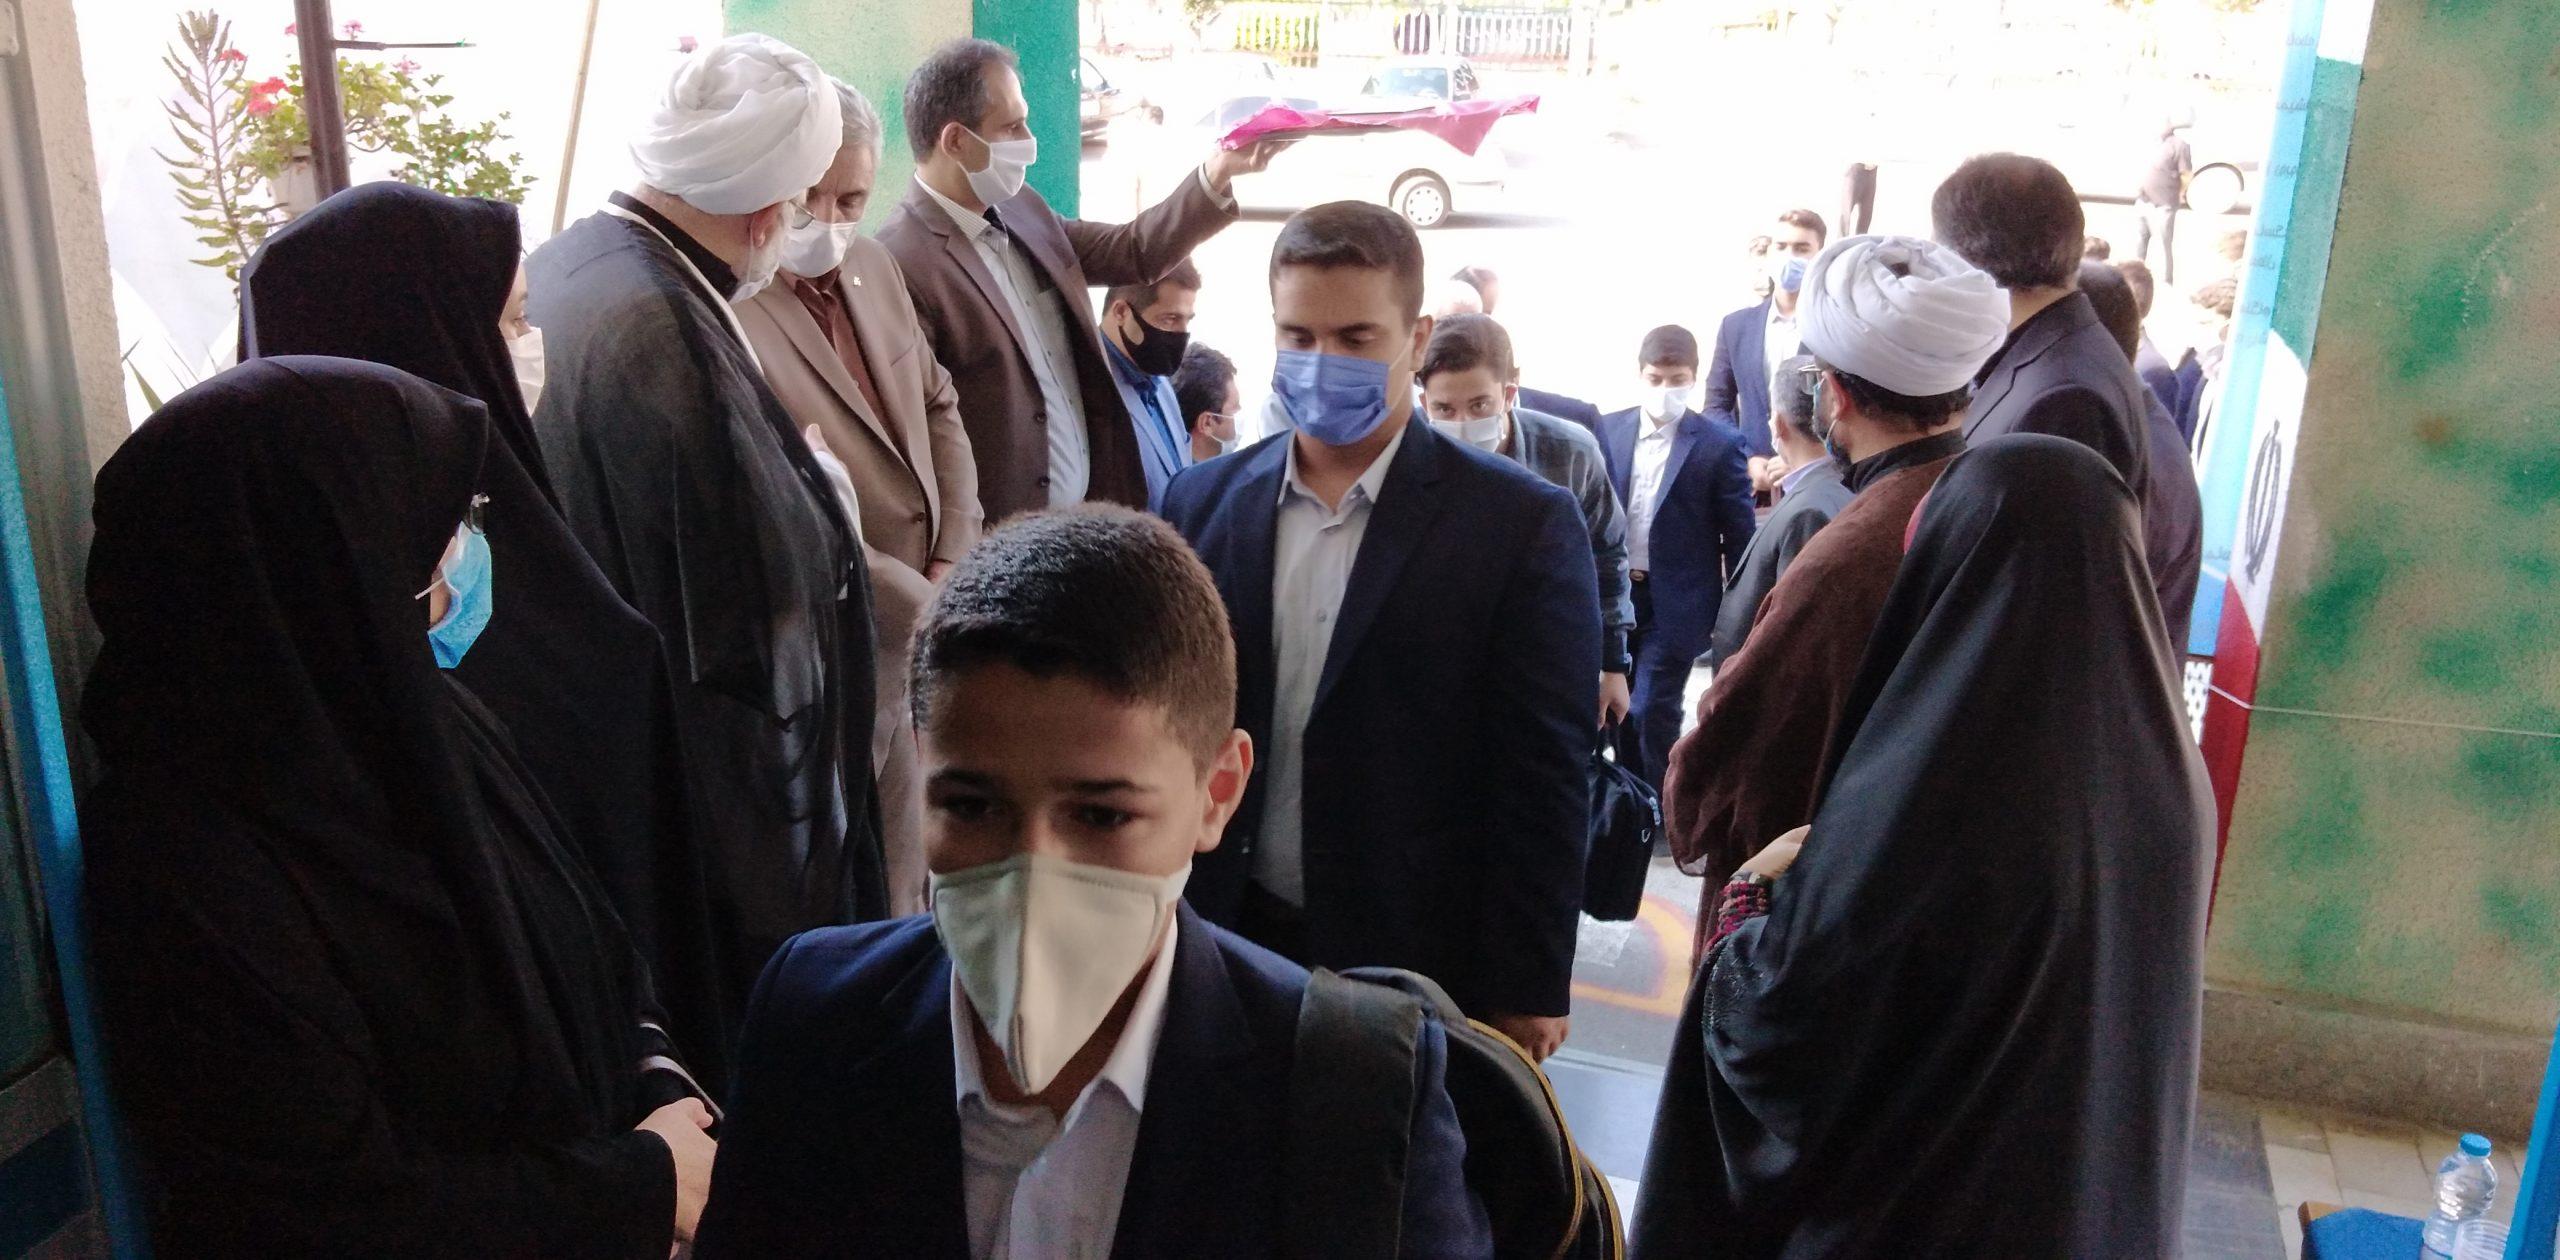 دانش آموزان در مسیر تحقق اهداف انقلاب حرکت کنند.